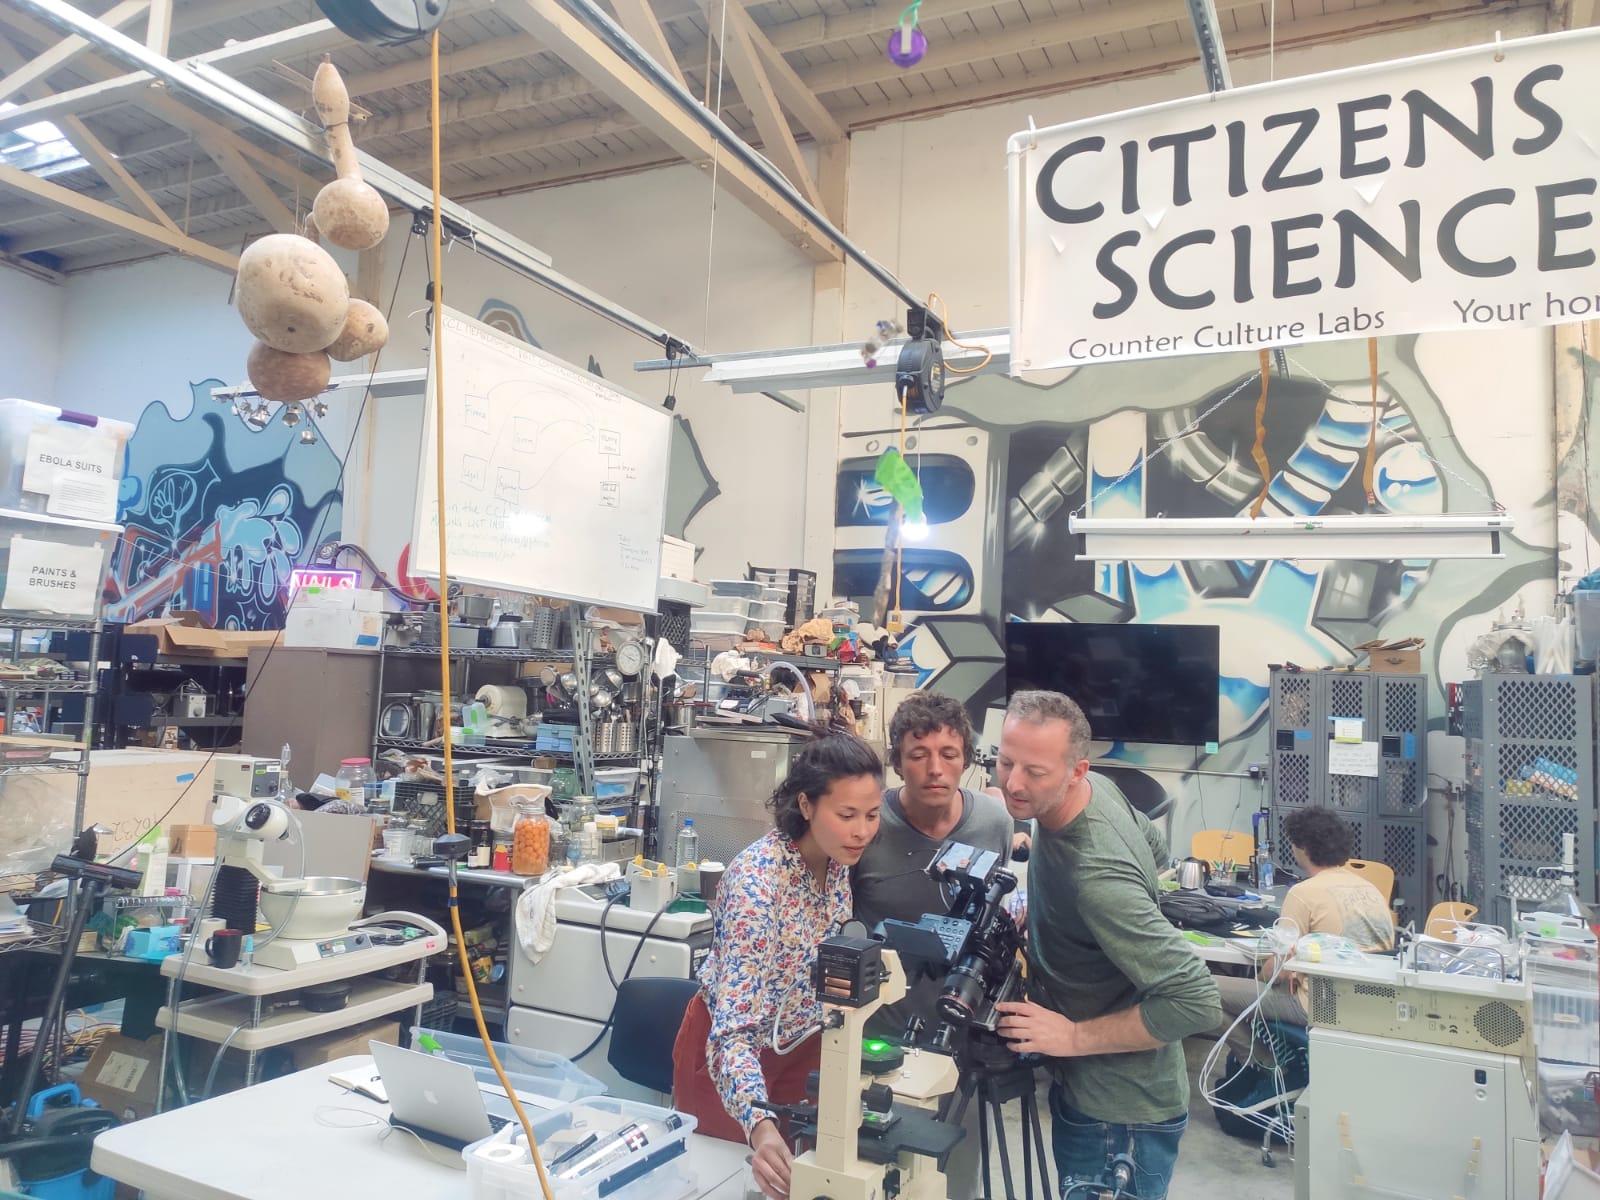 L'ingénieur Corentin de Chatelperron (au centre), fondateur du Low-tech Lab en visite au Counter Culture Labs de San Francisco / © Low-tech lab